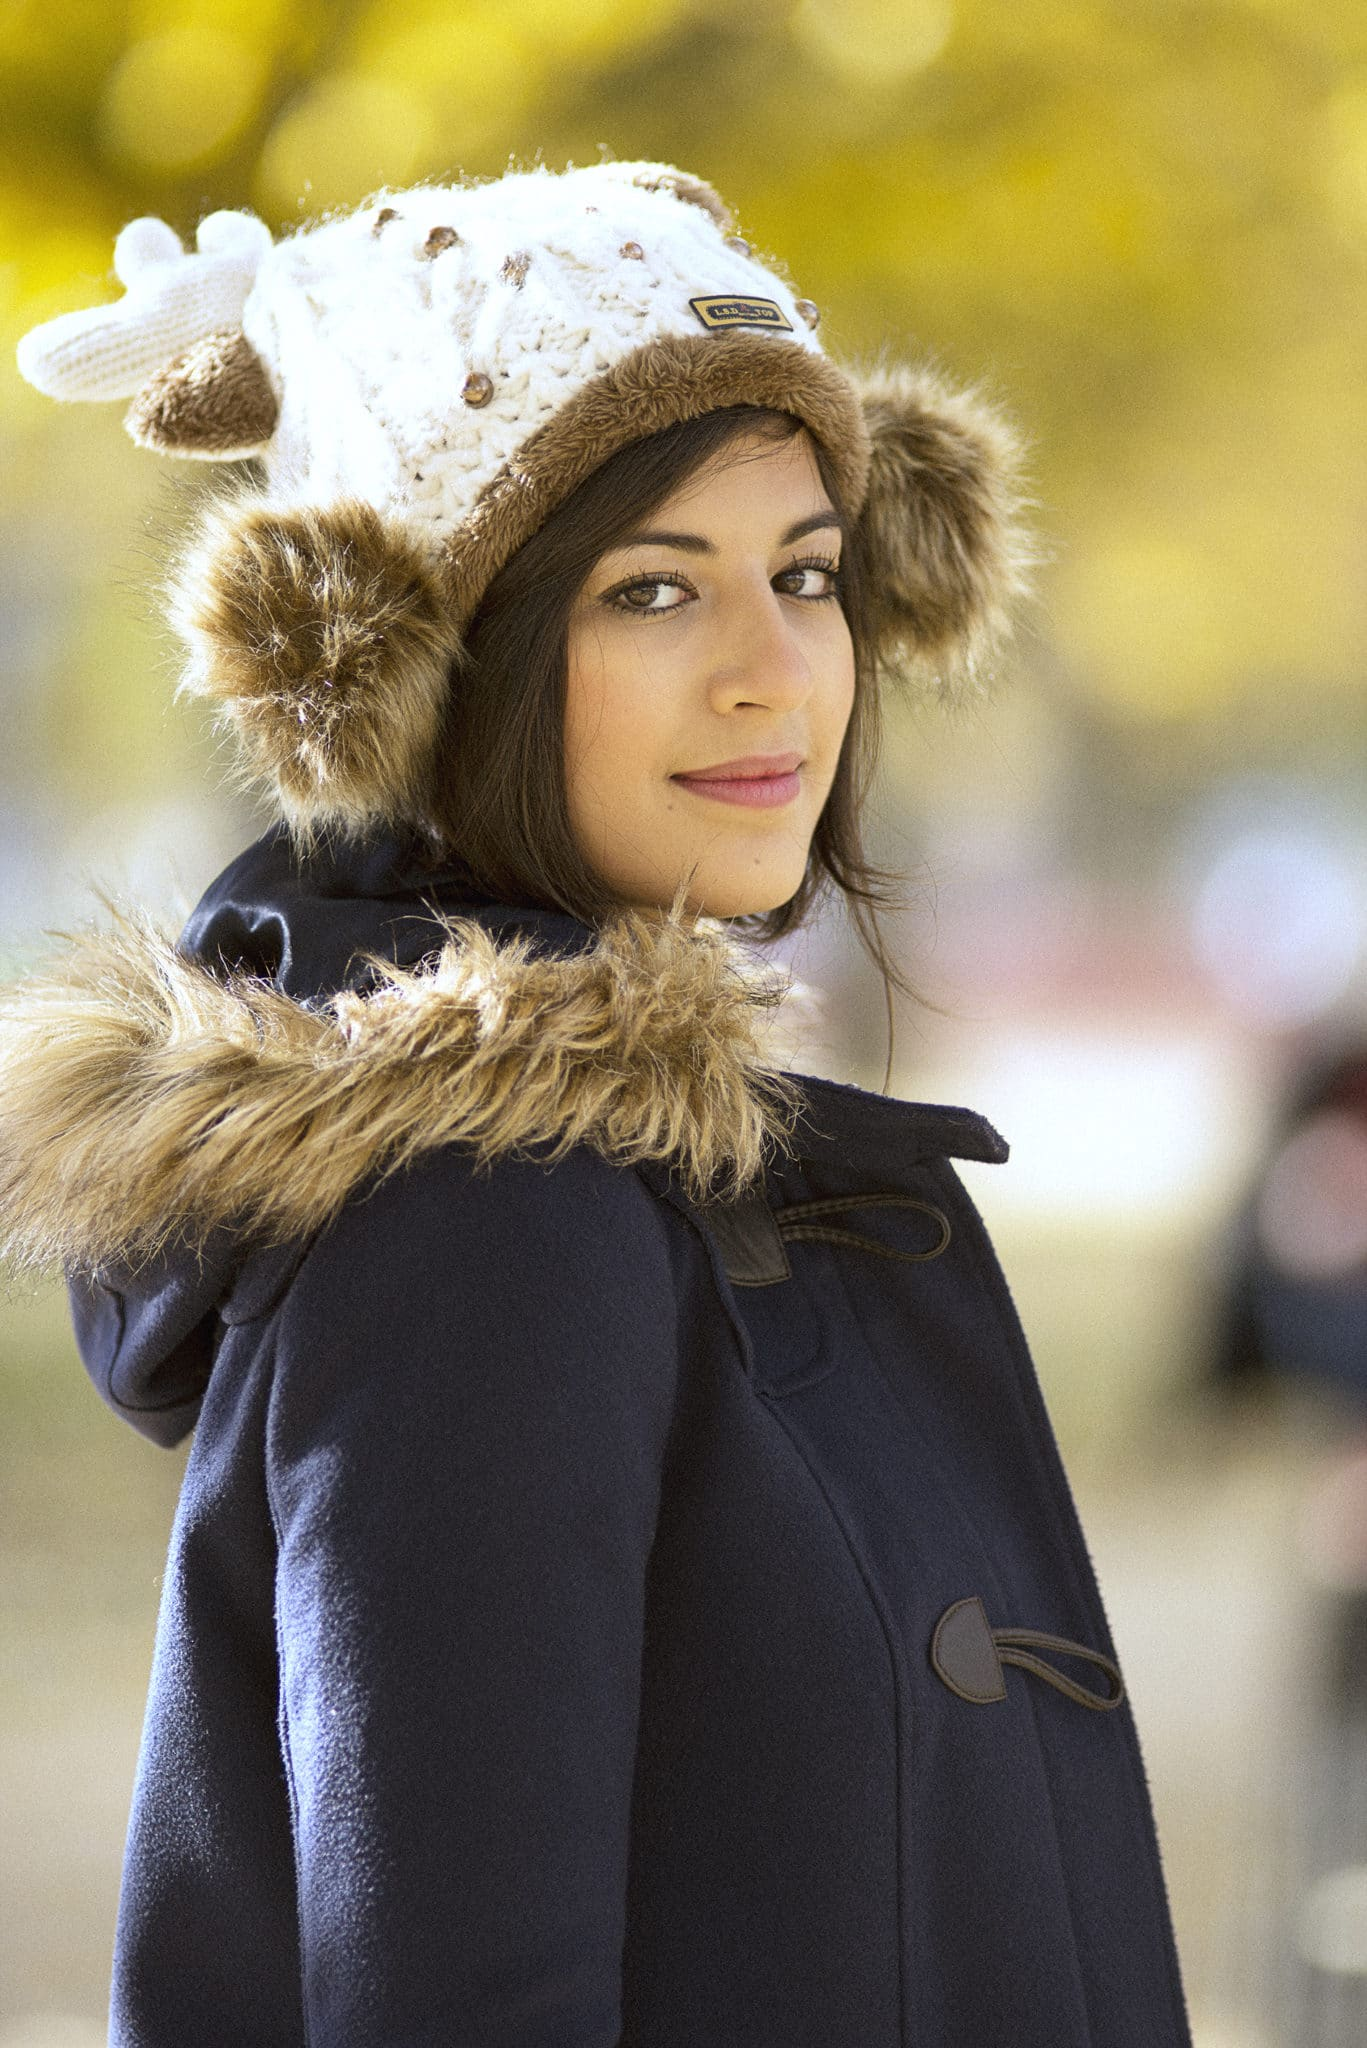 shooting-photo-lausanne-femme-exterieur-style-soleil-automne-photographe-2